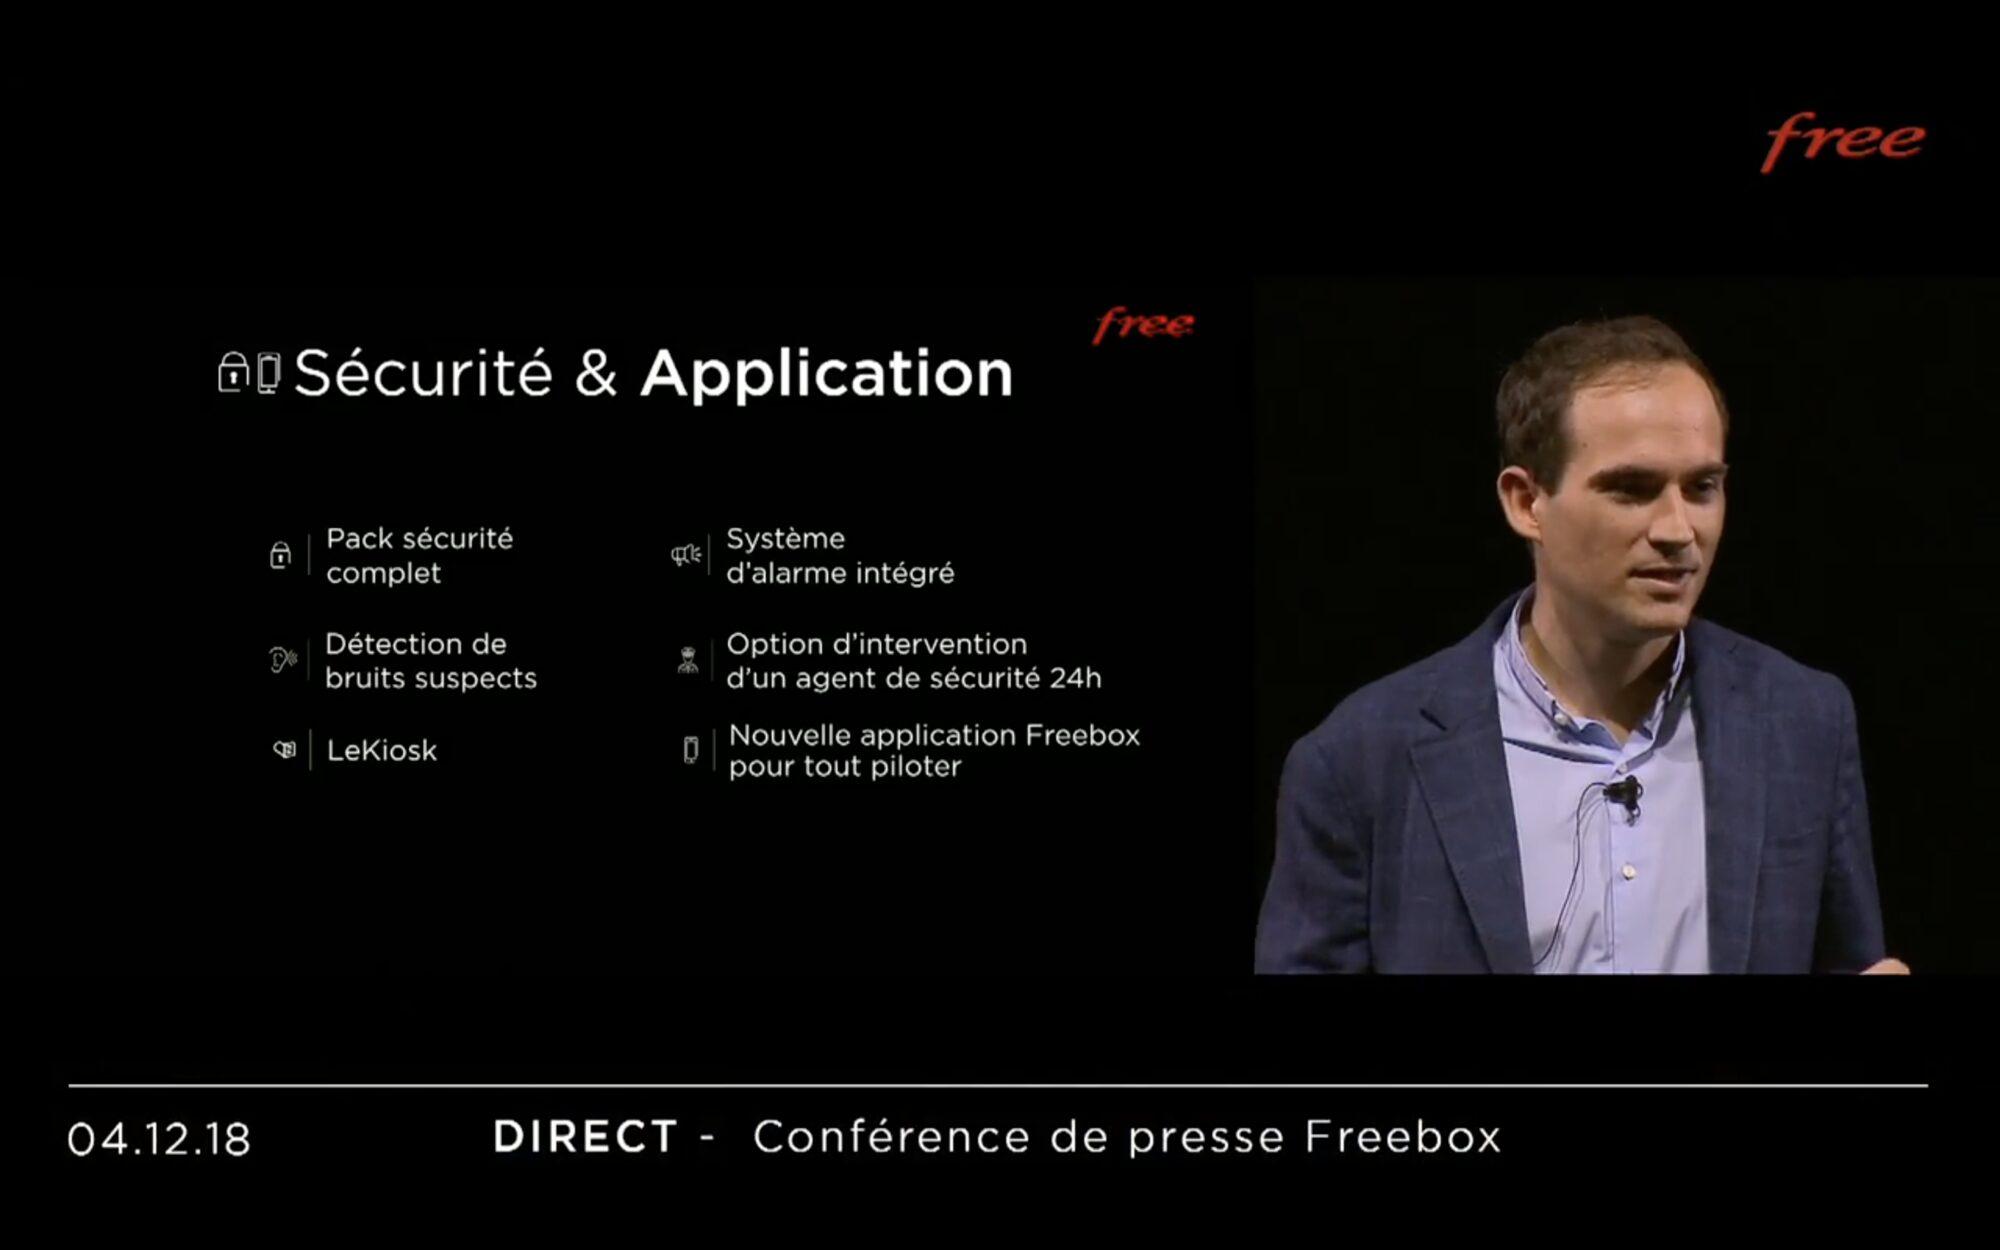 Sécurité et application - Delta